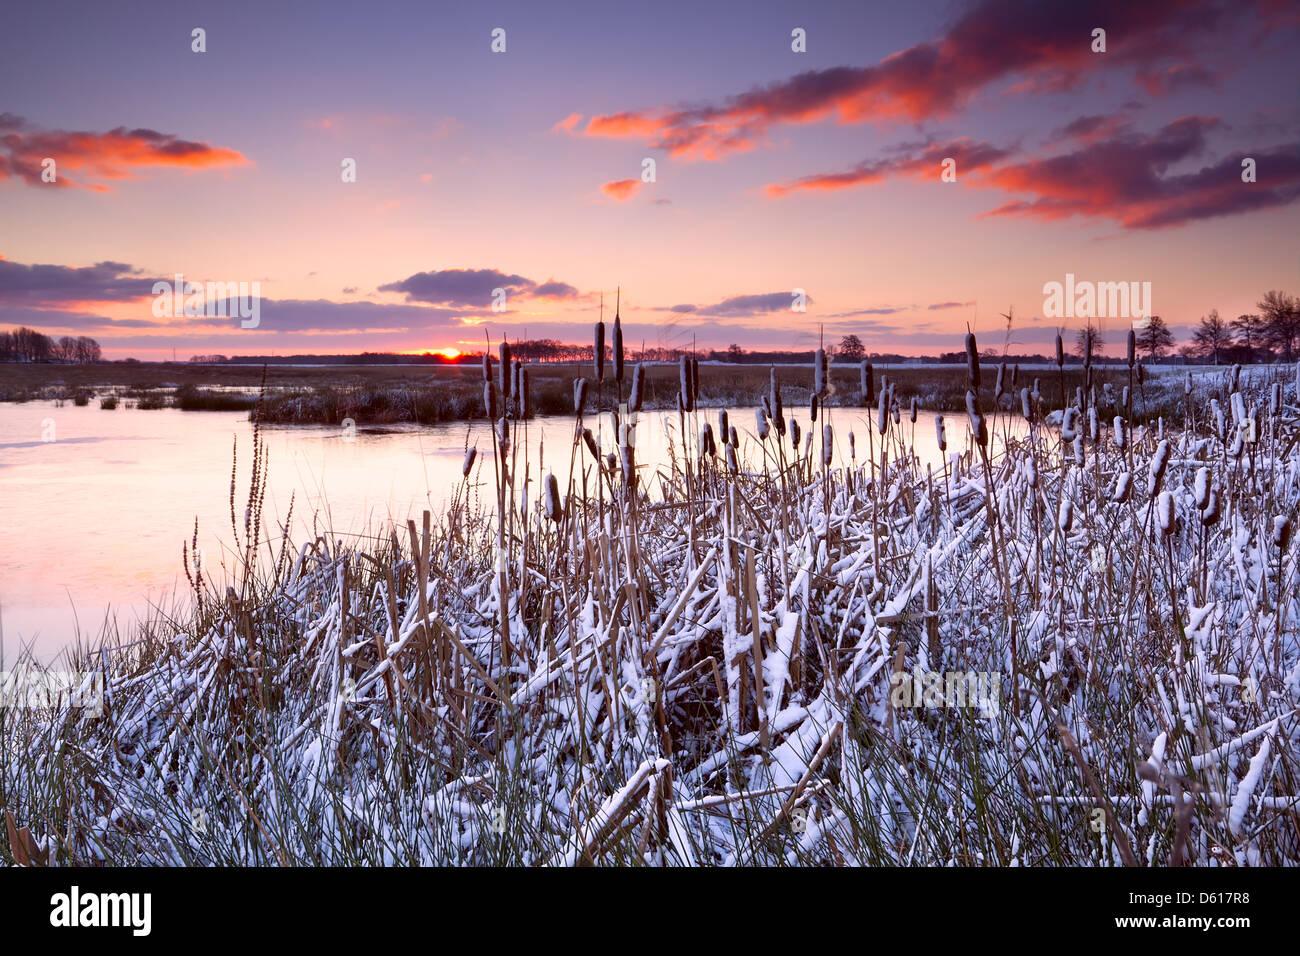 dramatic sunrise over frozen lake - Stock Image